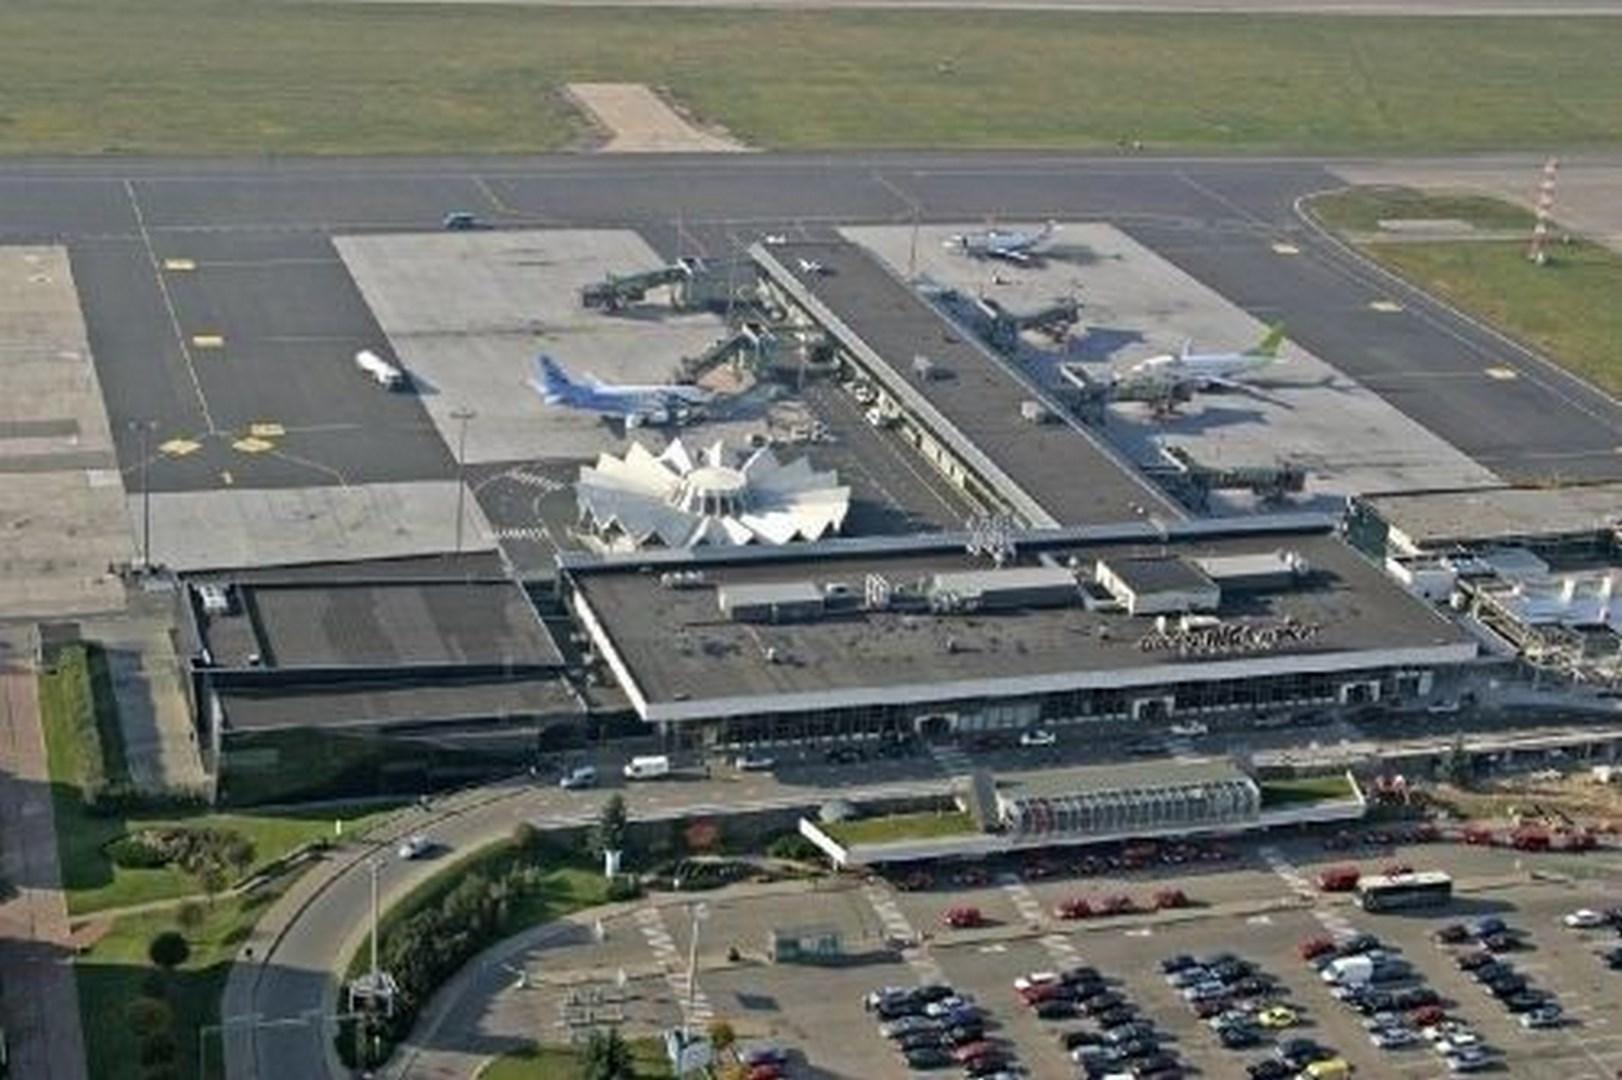 Vista aérea del aeropuerto de Riga